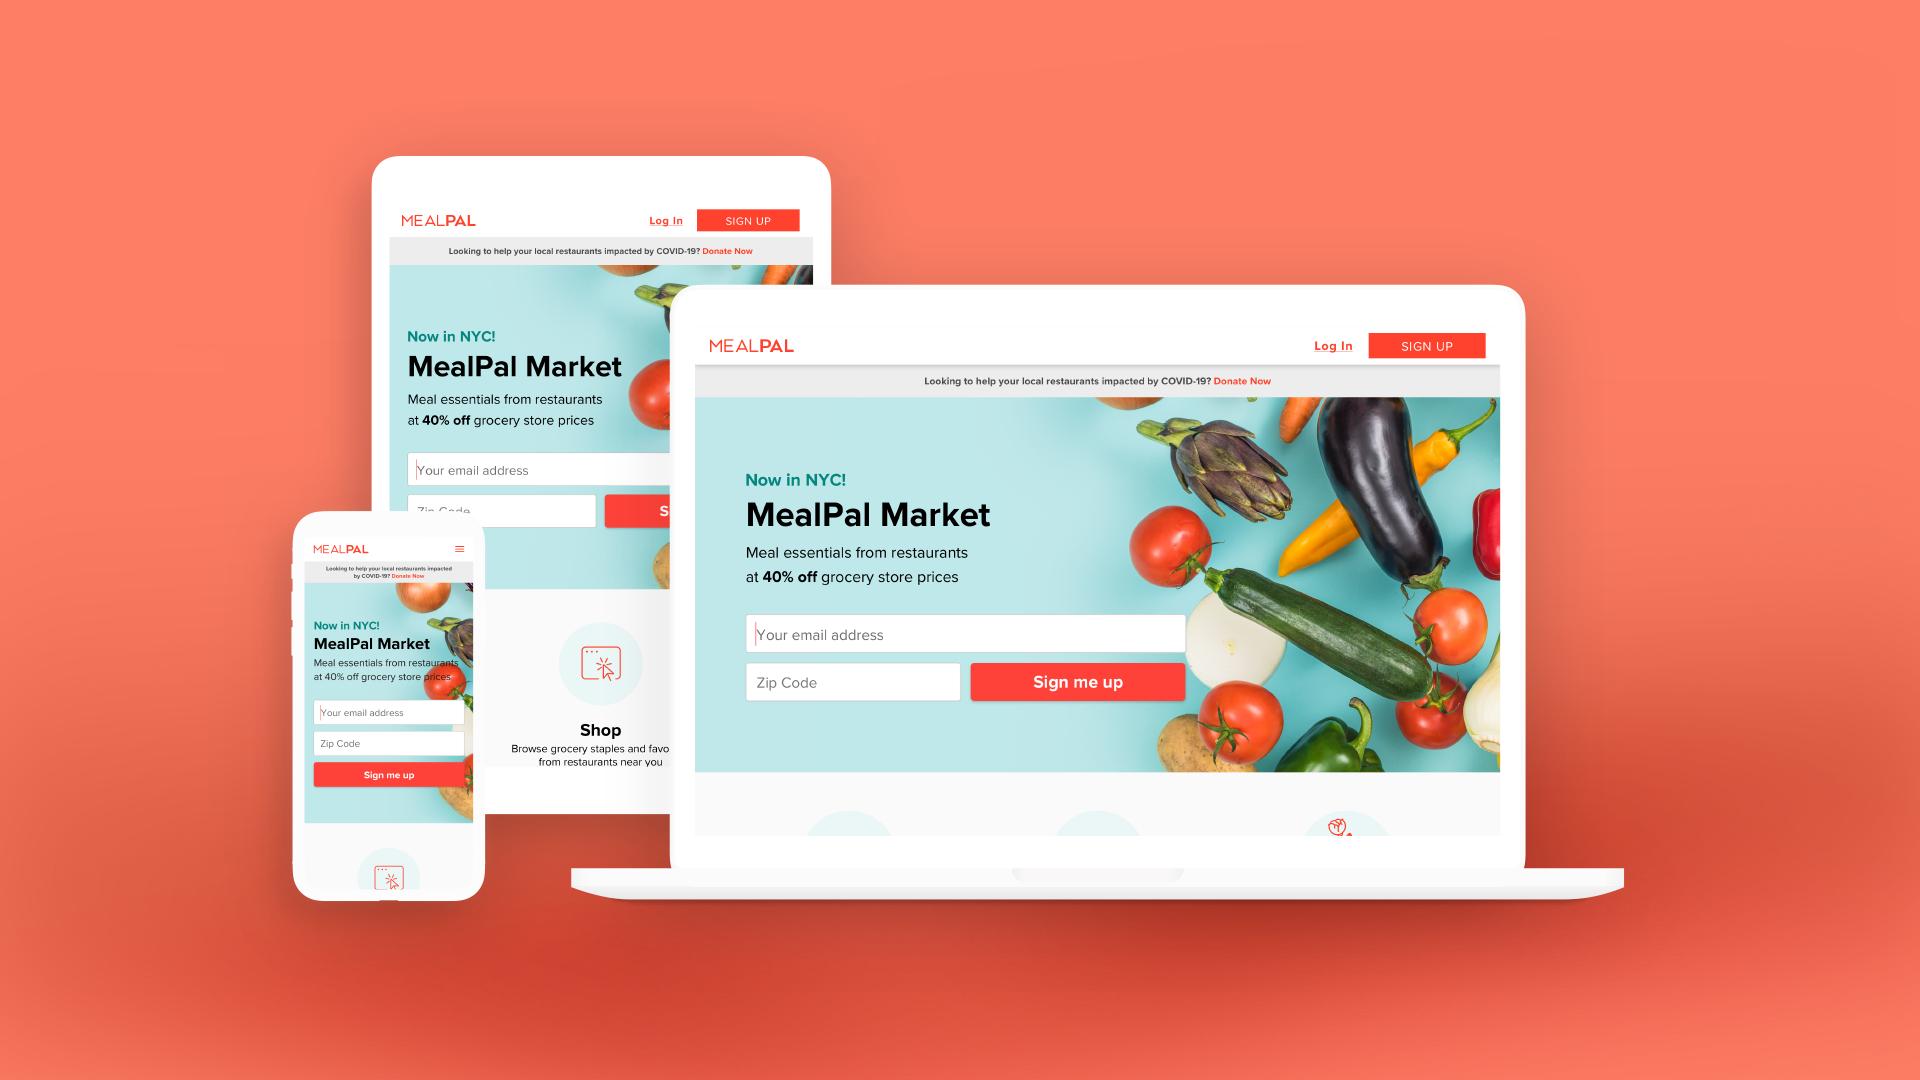 MealPal Market